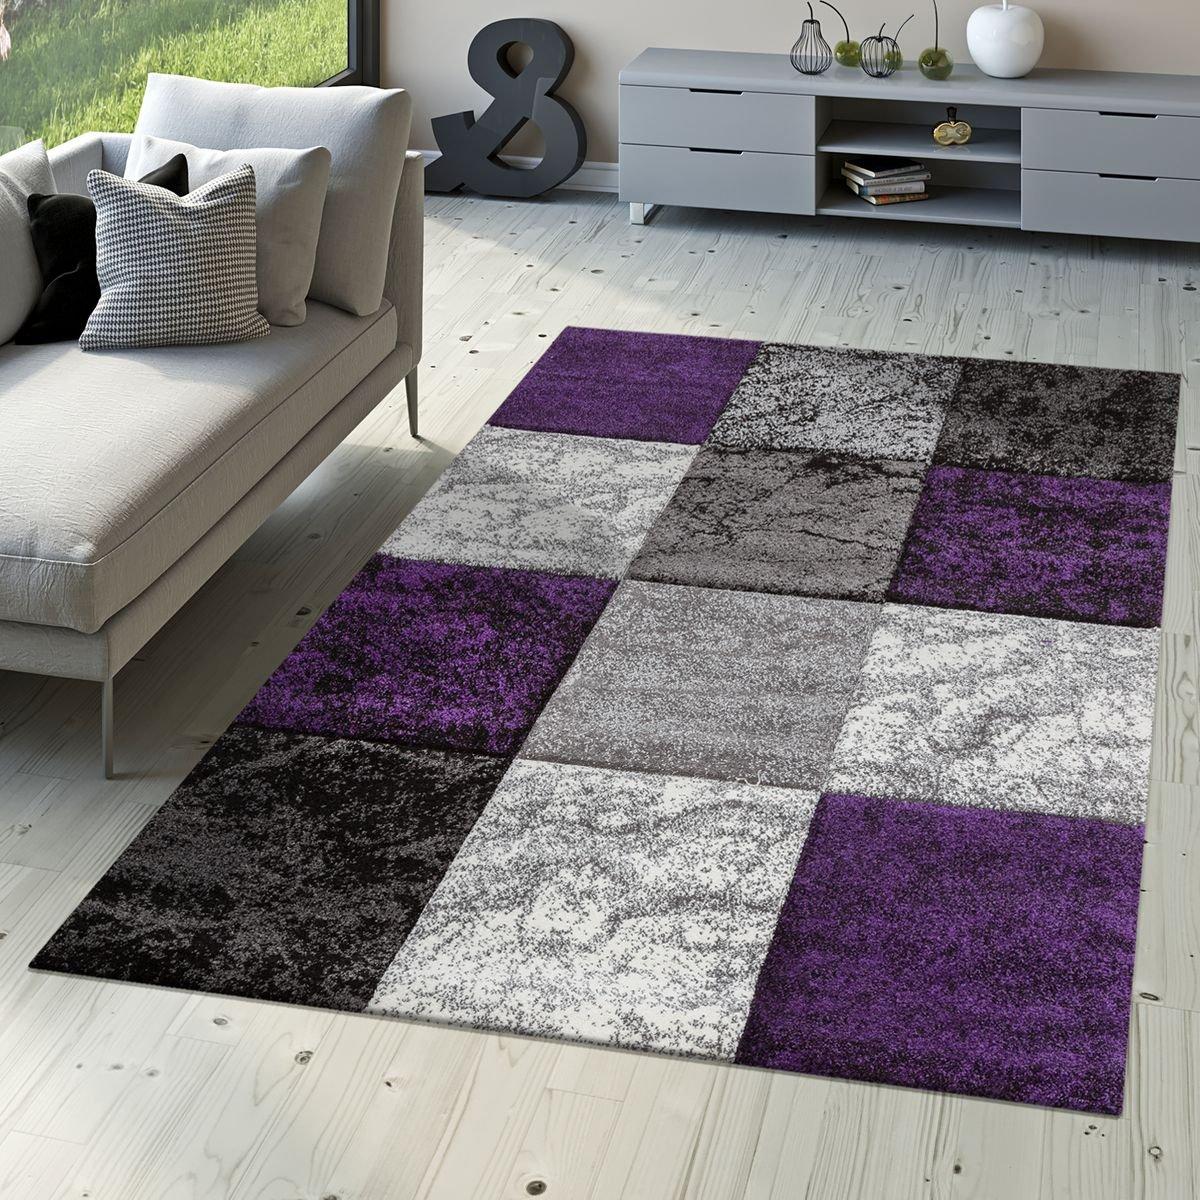 T&T Design Designer Teppich Valencia Modern mit Marmor Optik Kariert Meliert Lila Grau Weiß, Größe 160x230 cm